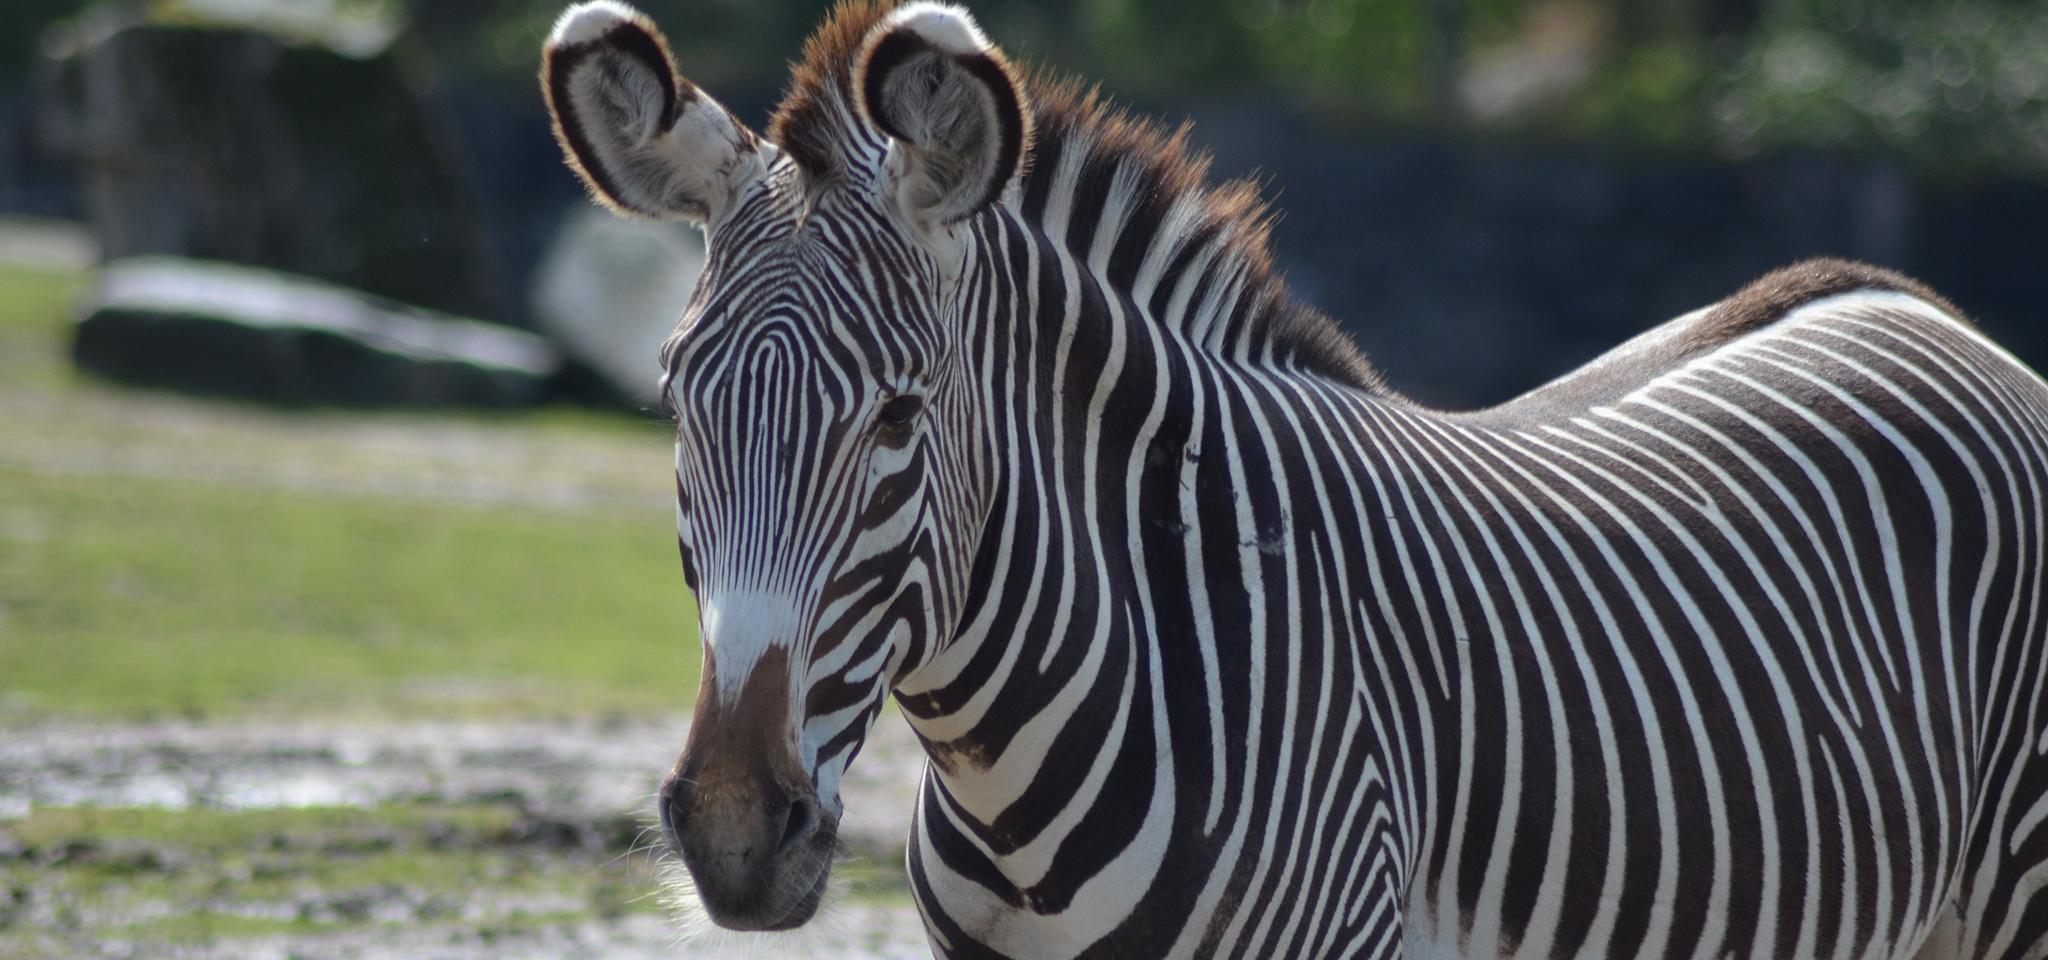 Forumaš iznad u liku životinje - Page 8 Zebra-desktop